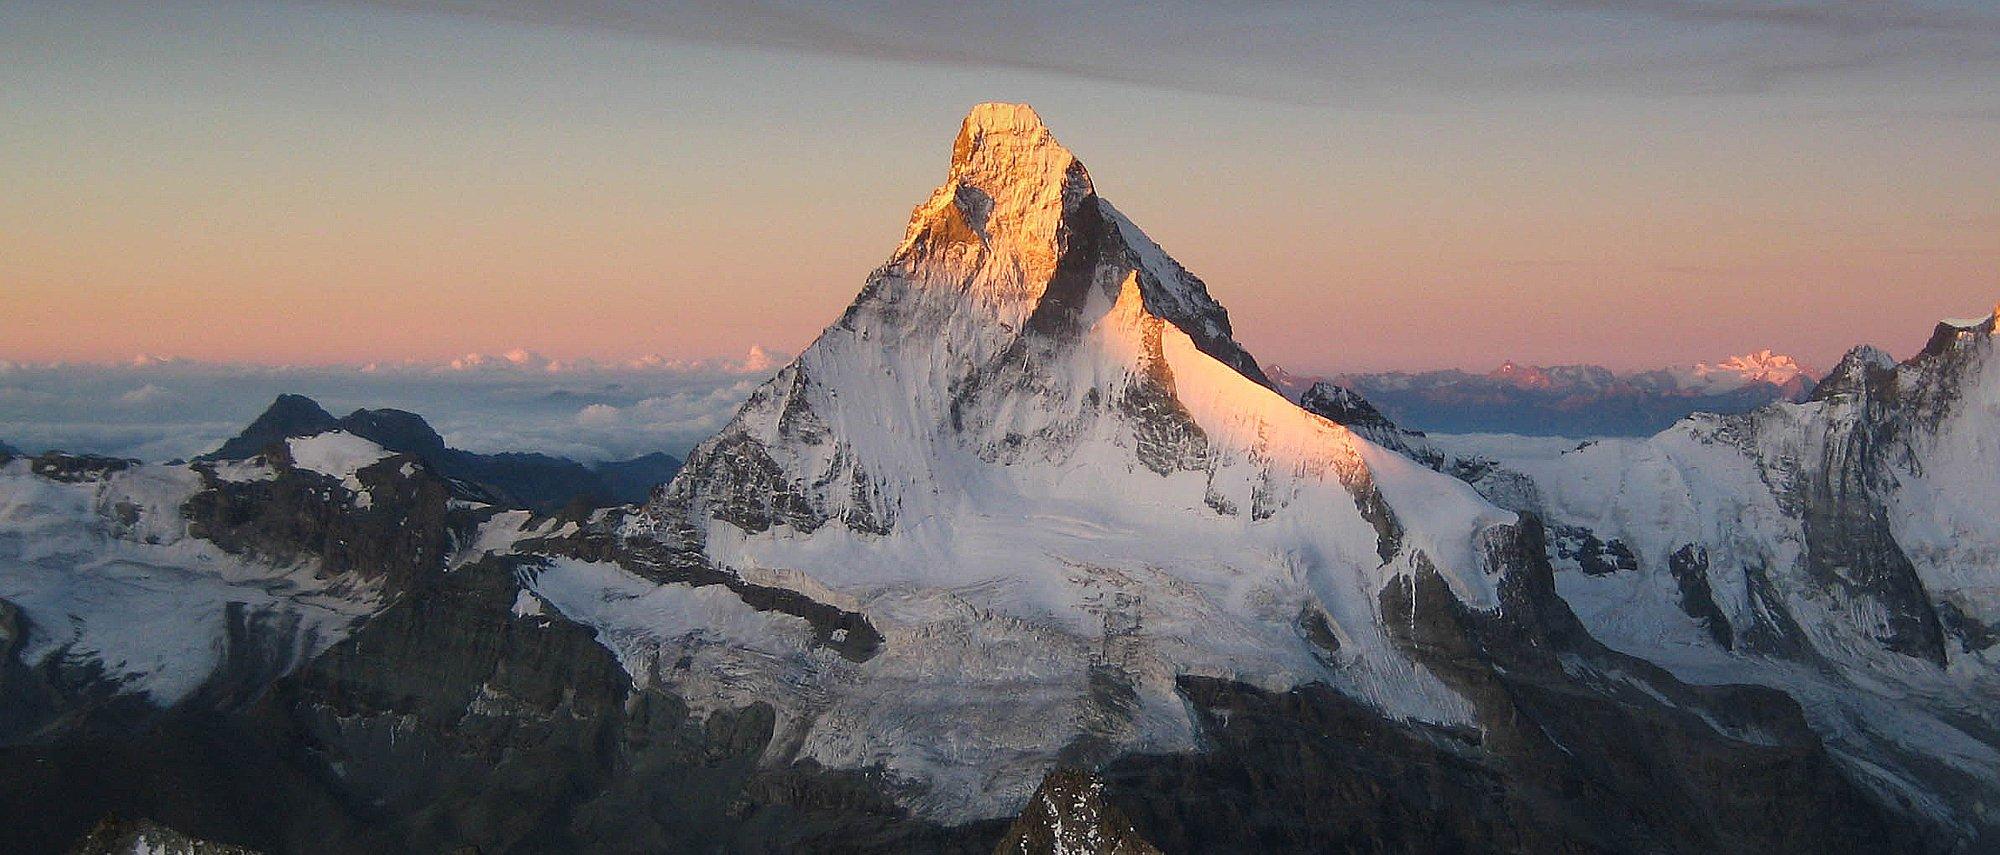 Climb the Matterhorn with Alpine Guides - Matterhorn ...